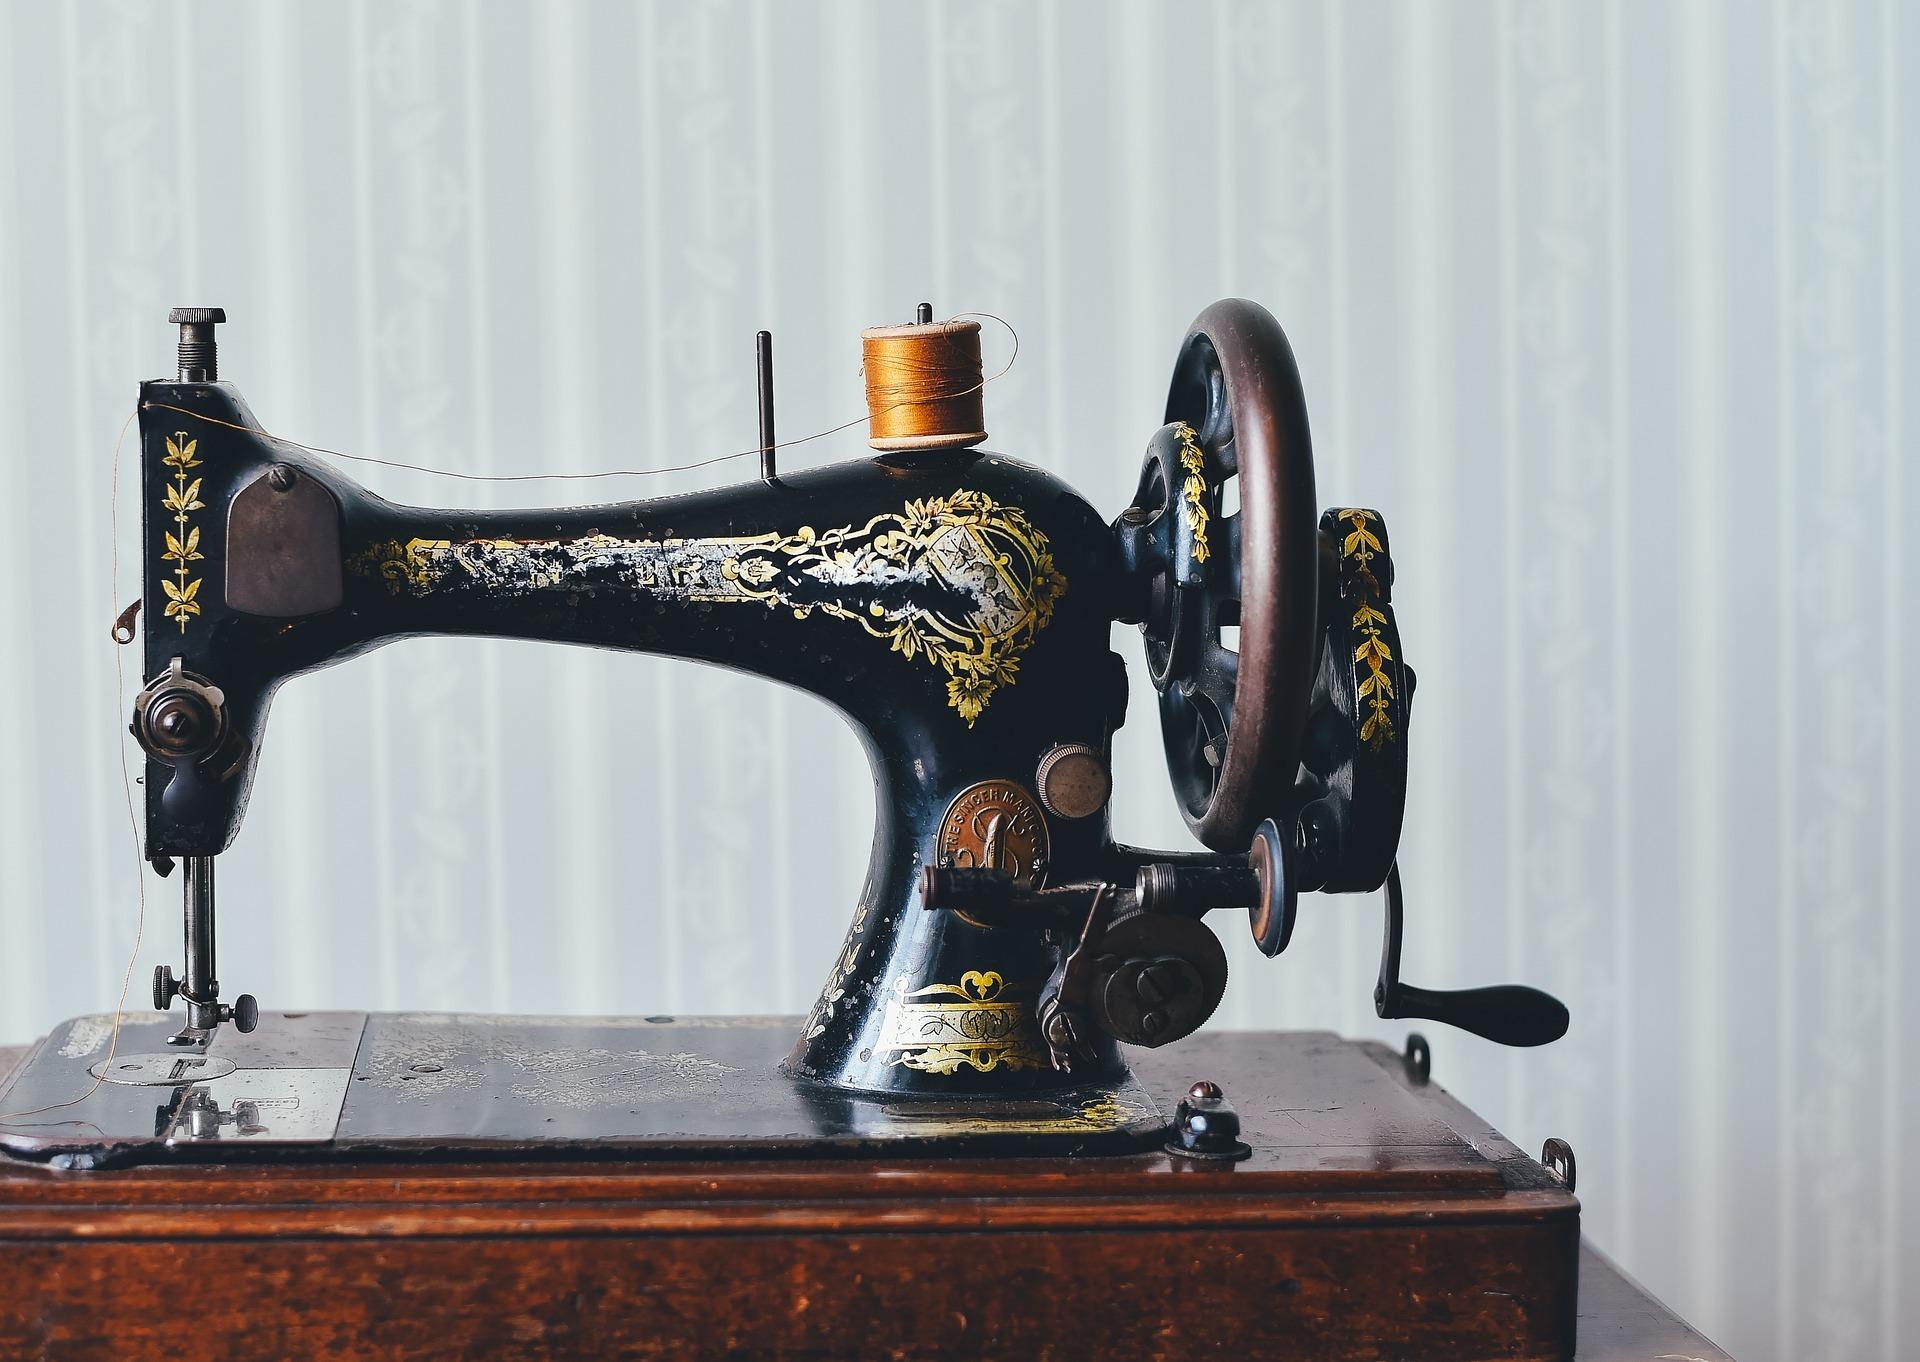 antique-1838324_1920.jpg